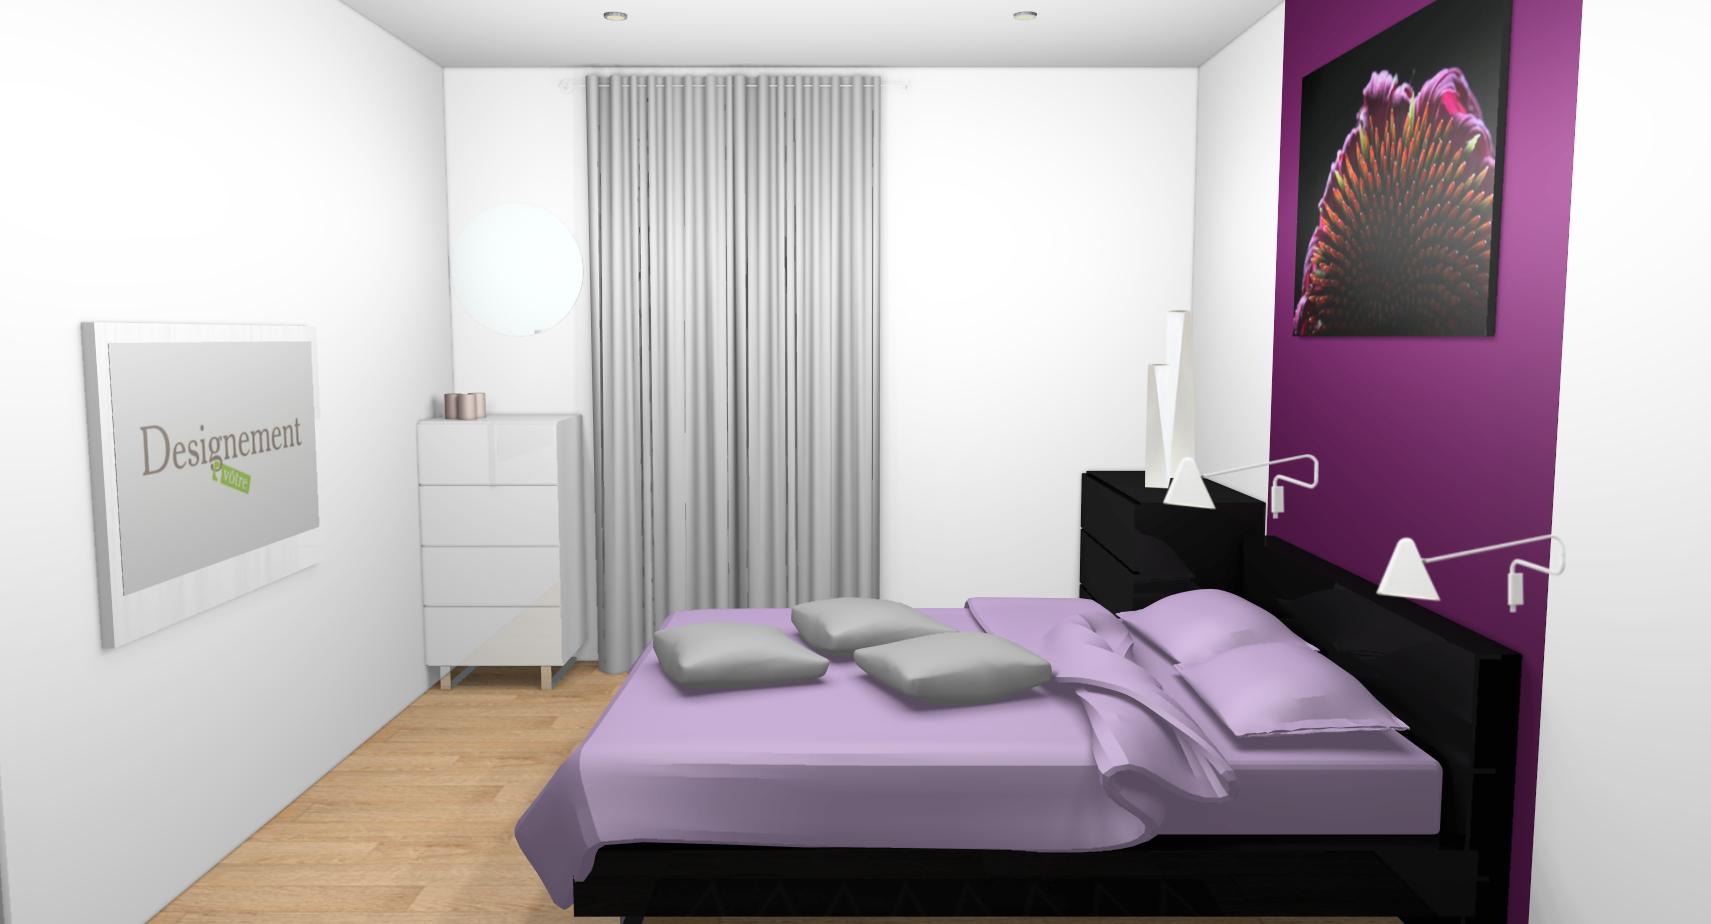 Chambre Couleur Prune - Décoration de maison idées de design d ...